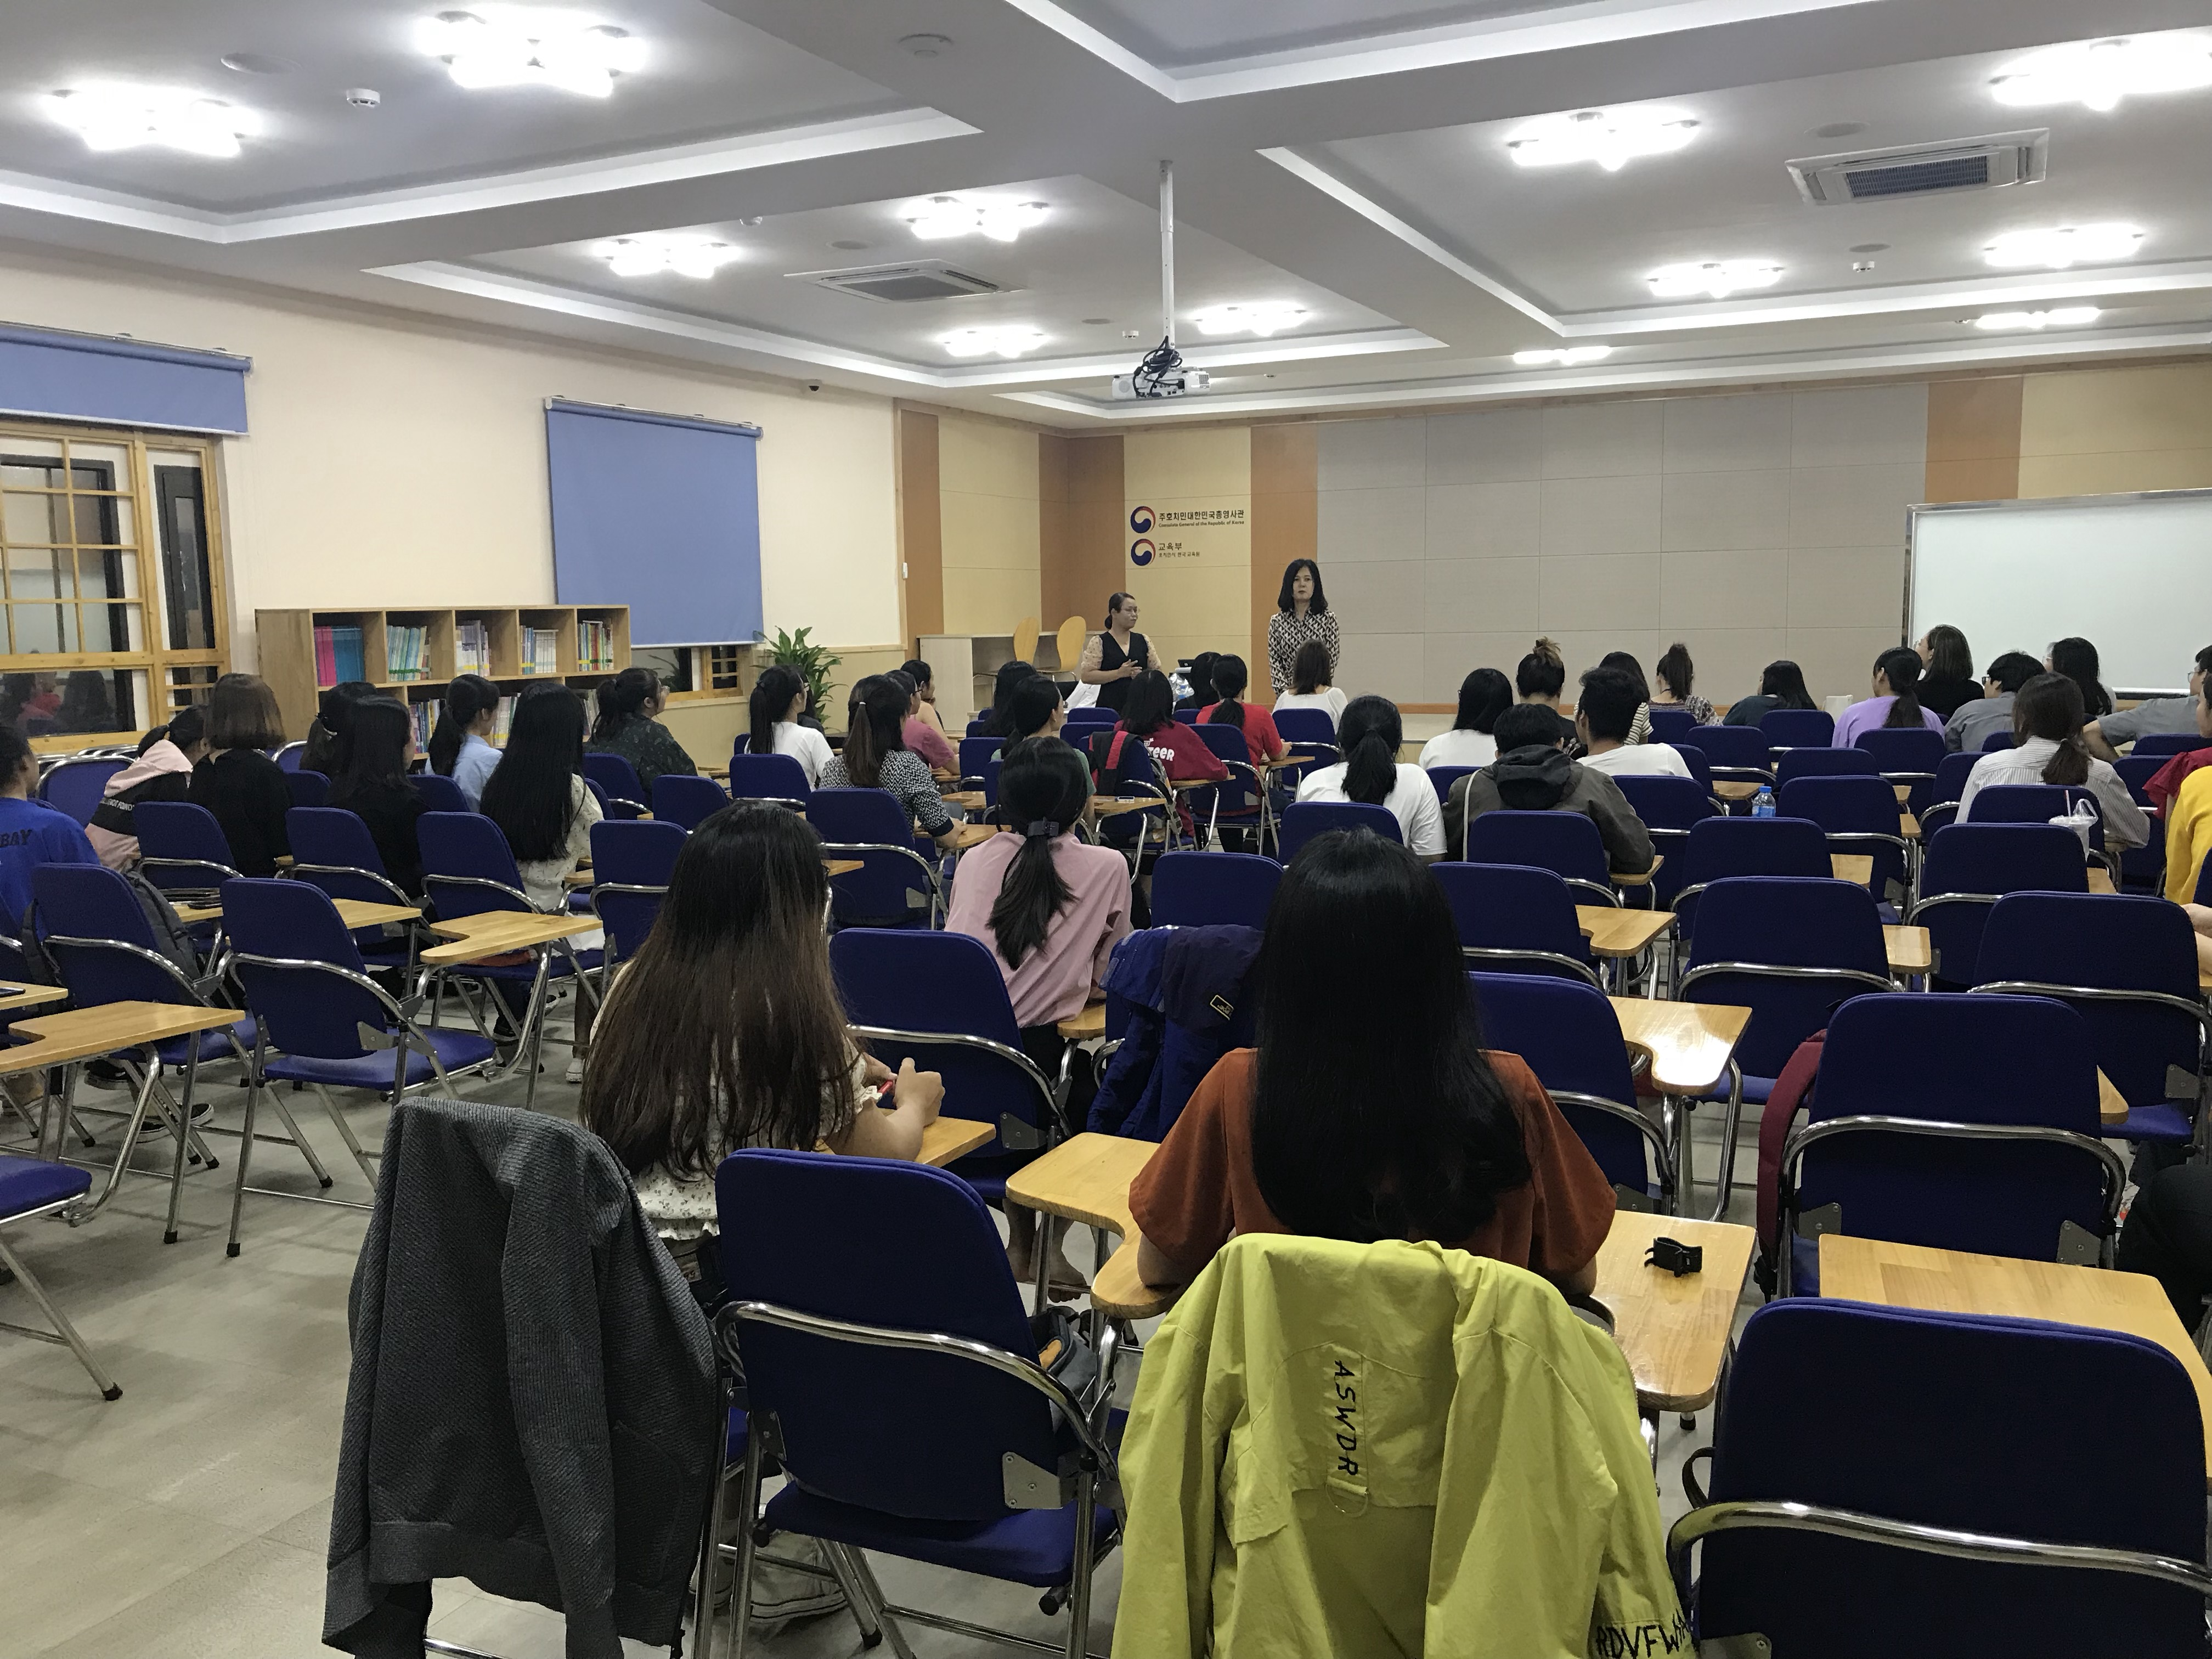 제24기 한국어 강좌 수료식 (초급1 - B1반) (2019.12.20)